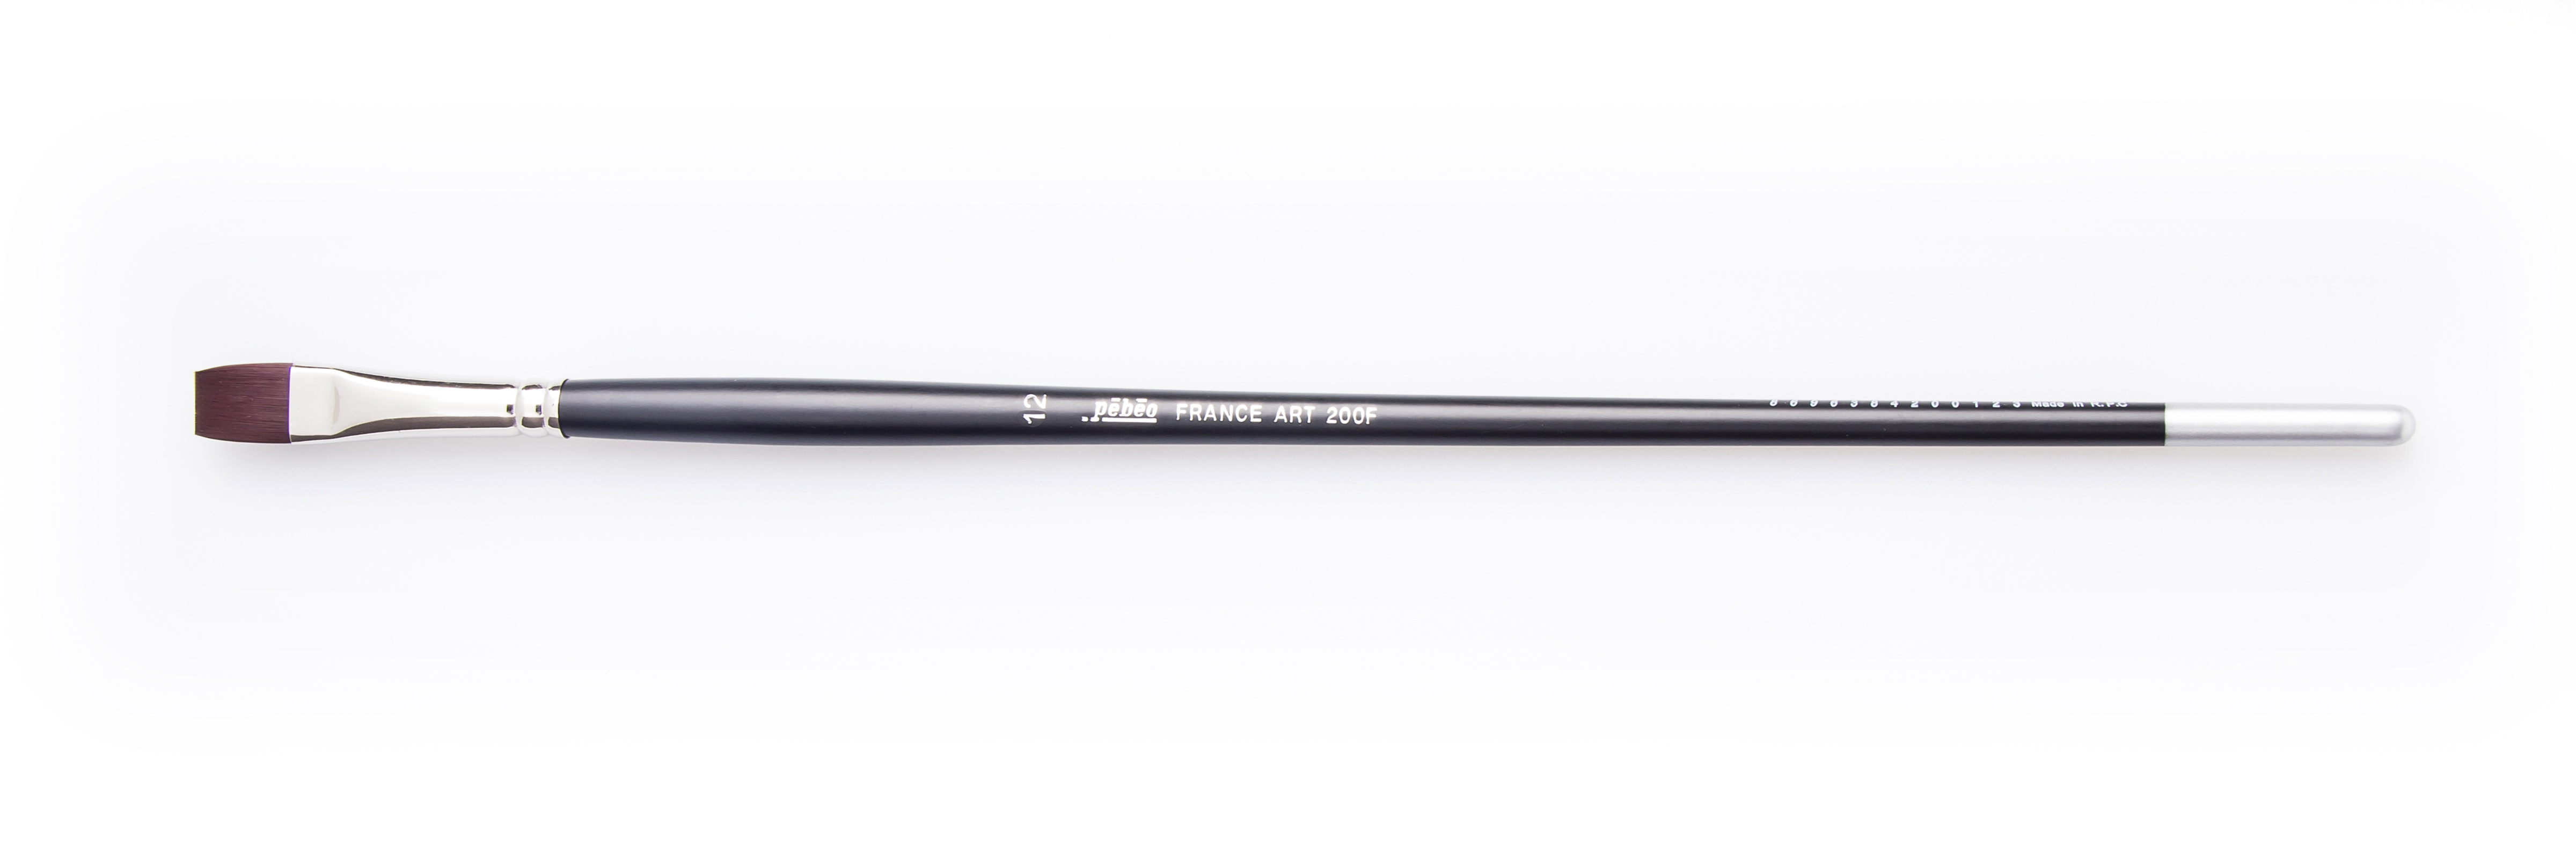 Pebeo Fırça Sentetik Kıl 200F no:12 (Yağlı ve Akrilik Boya Fırçası)